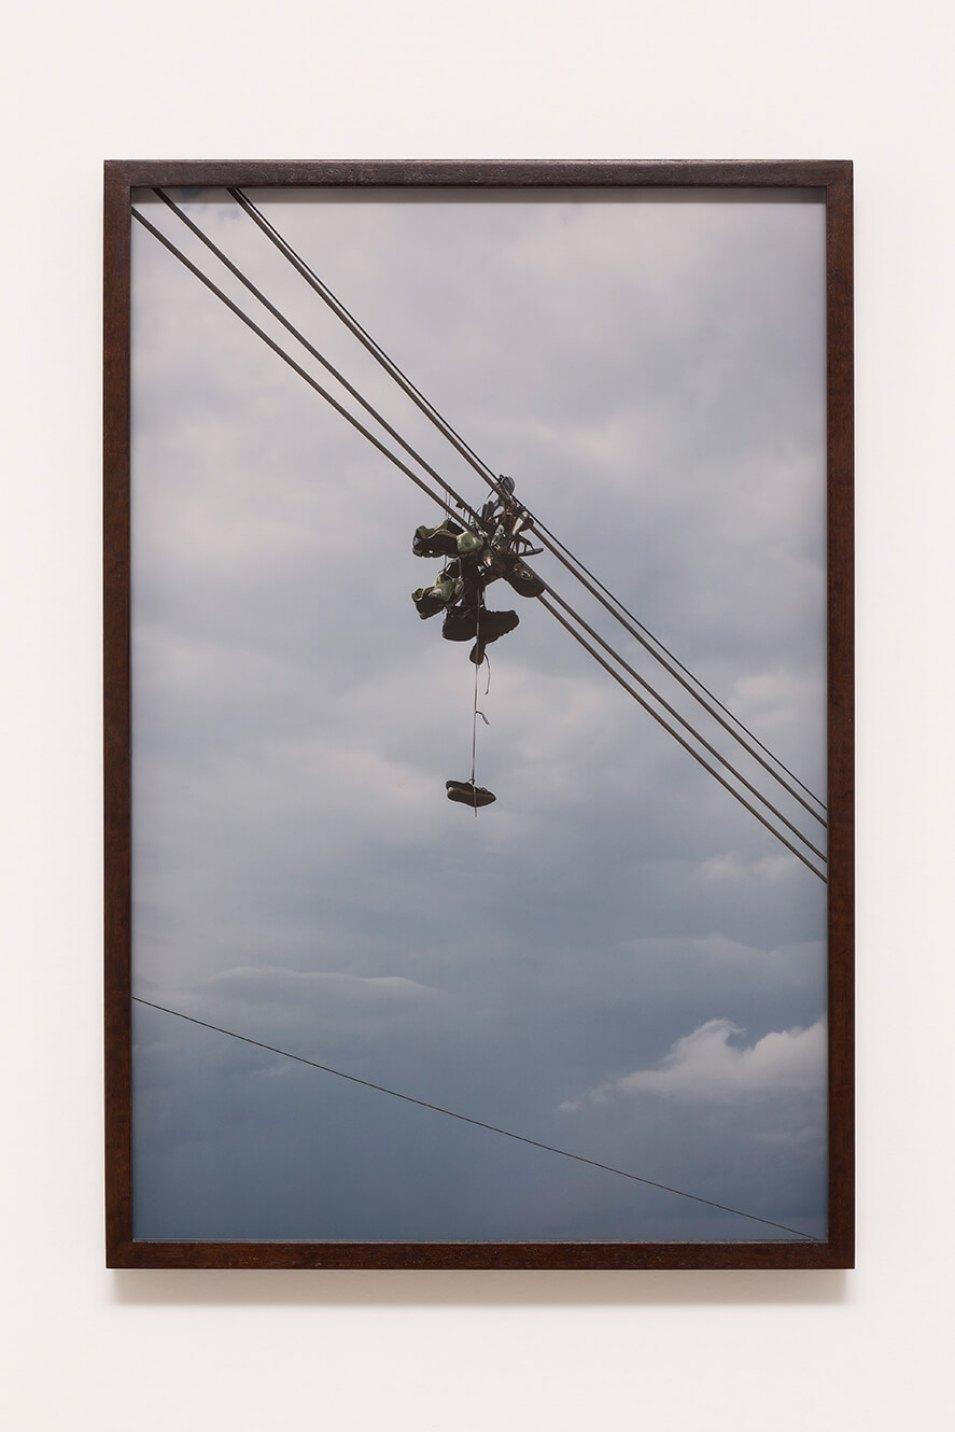 Haroon Gunn-Salie,<em>On the line</em>,2016,print on paper, 39,6 ×59,4cm<br><br> - Mendes Wood DM